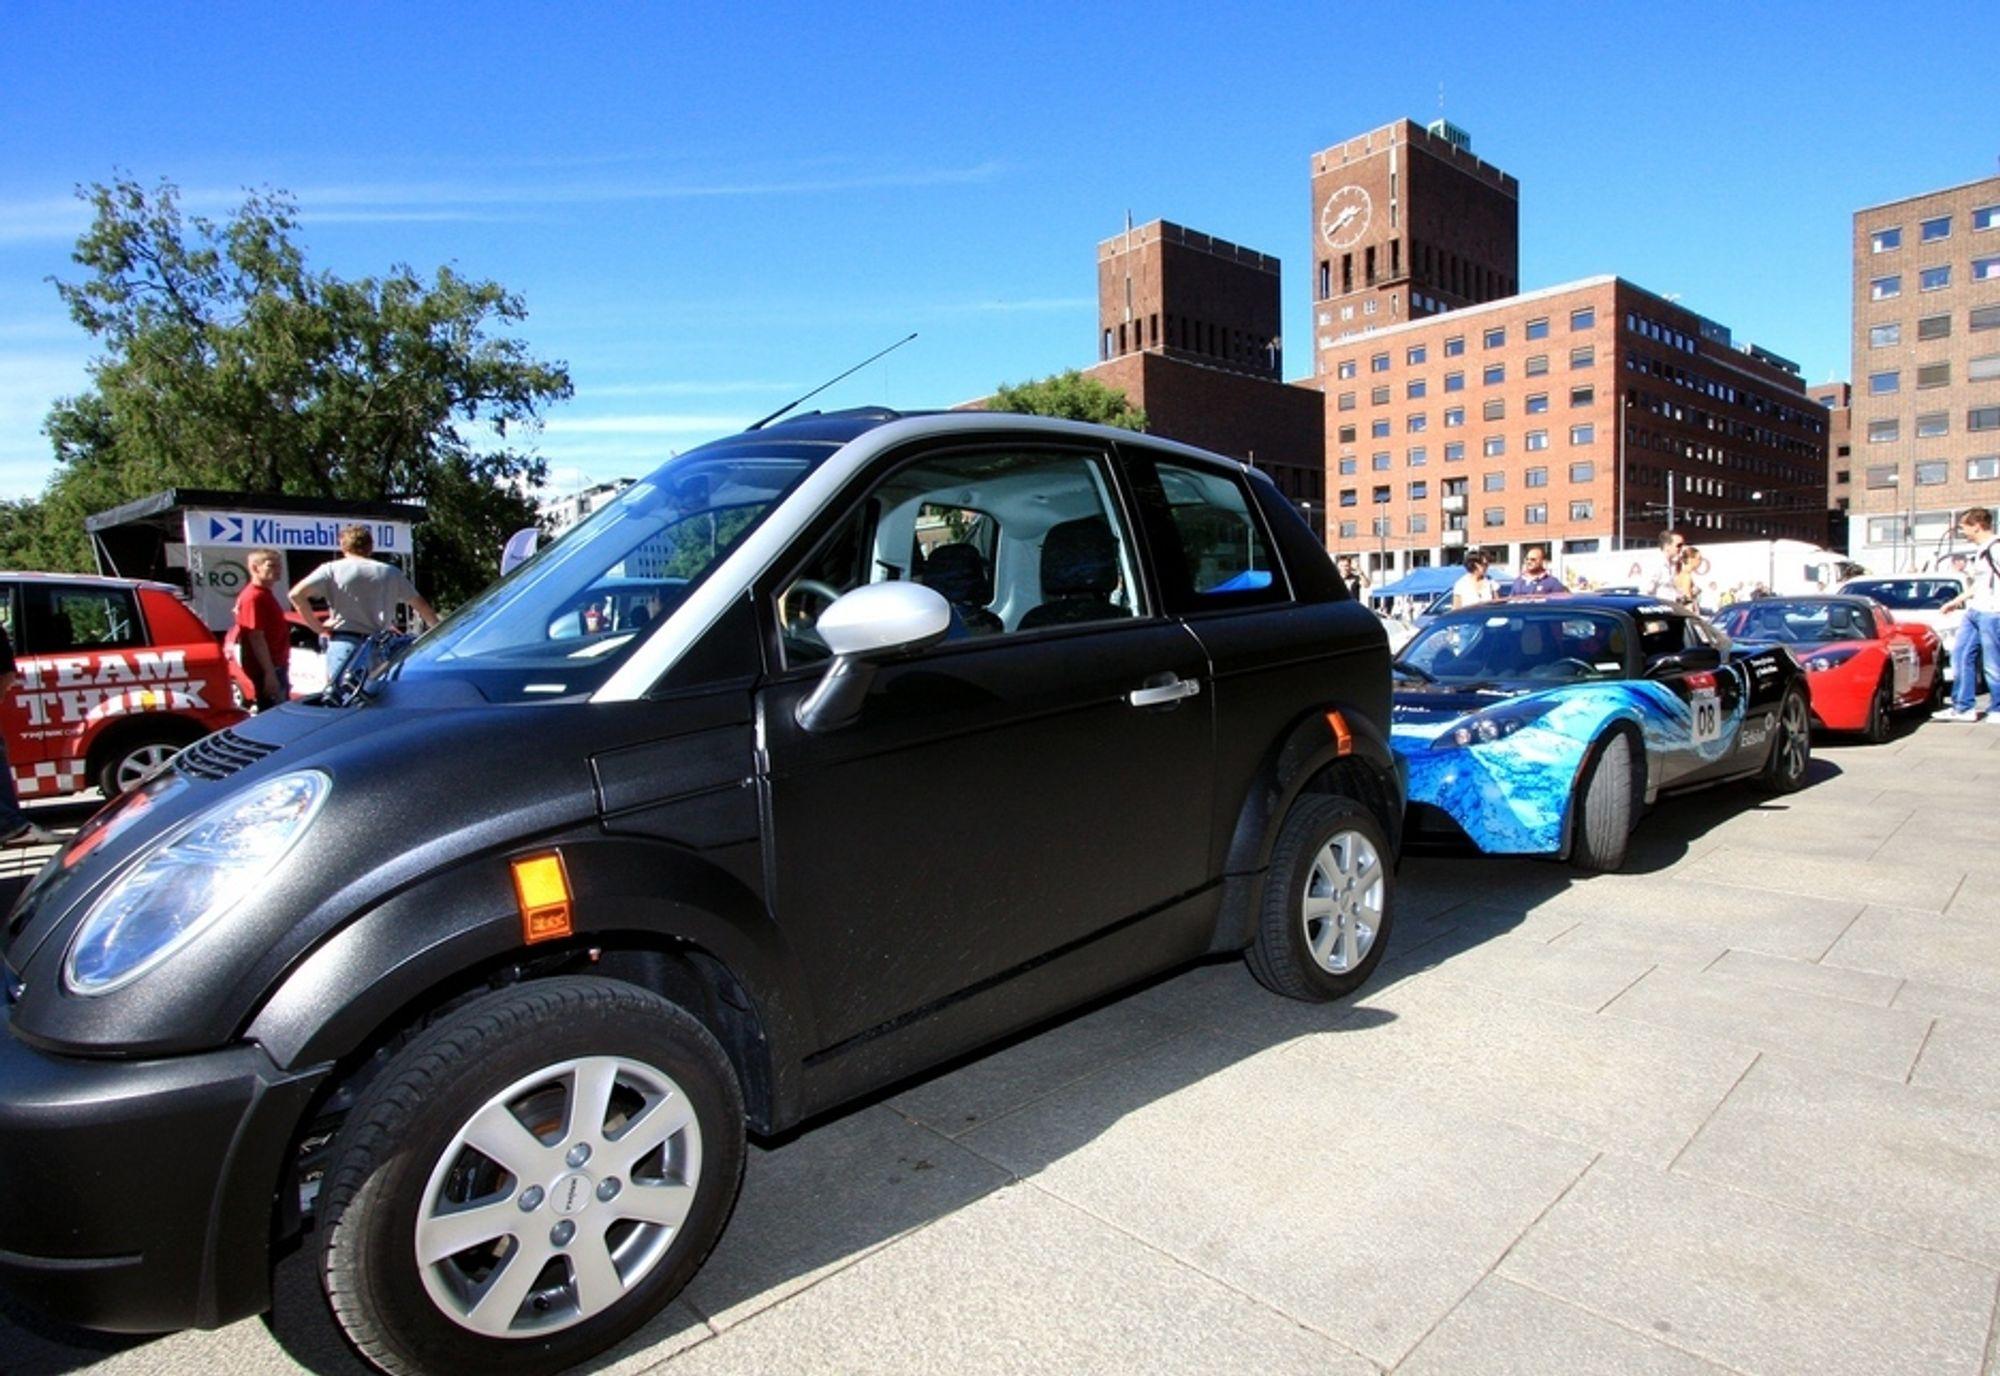 Kjøper du Think City eller Tesla Roadster i dag, slipper du å betale moms og engangsavgift. Spørsmålet er hvor lenge dette kan vare.